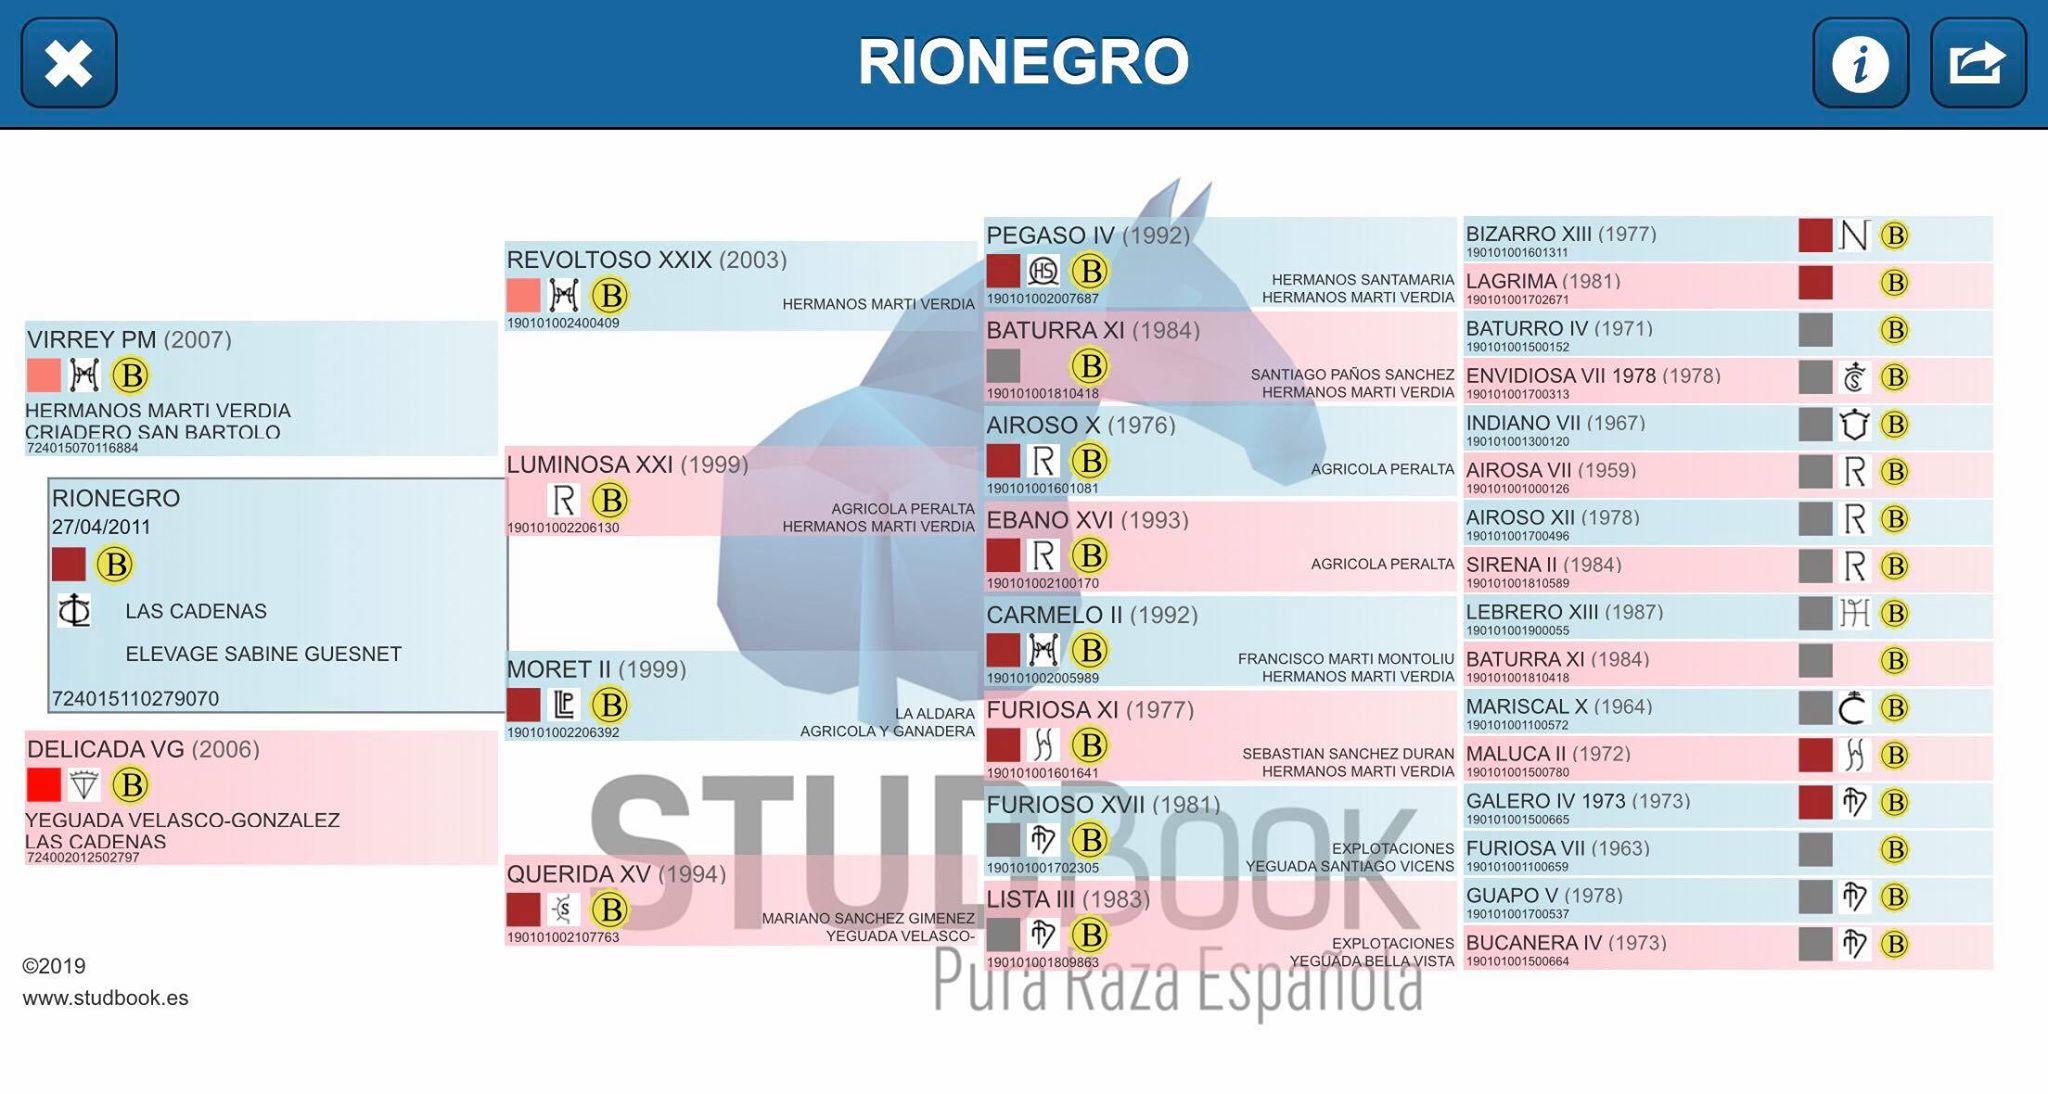 Origines Rionegro